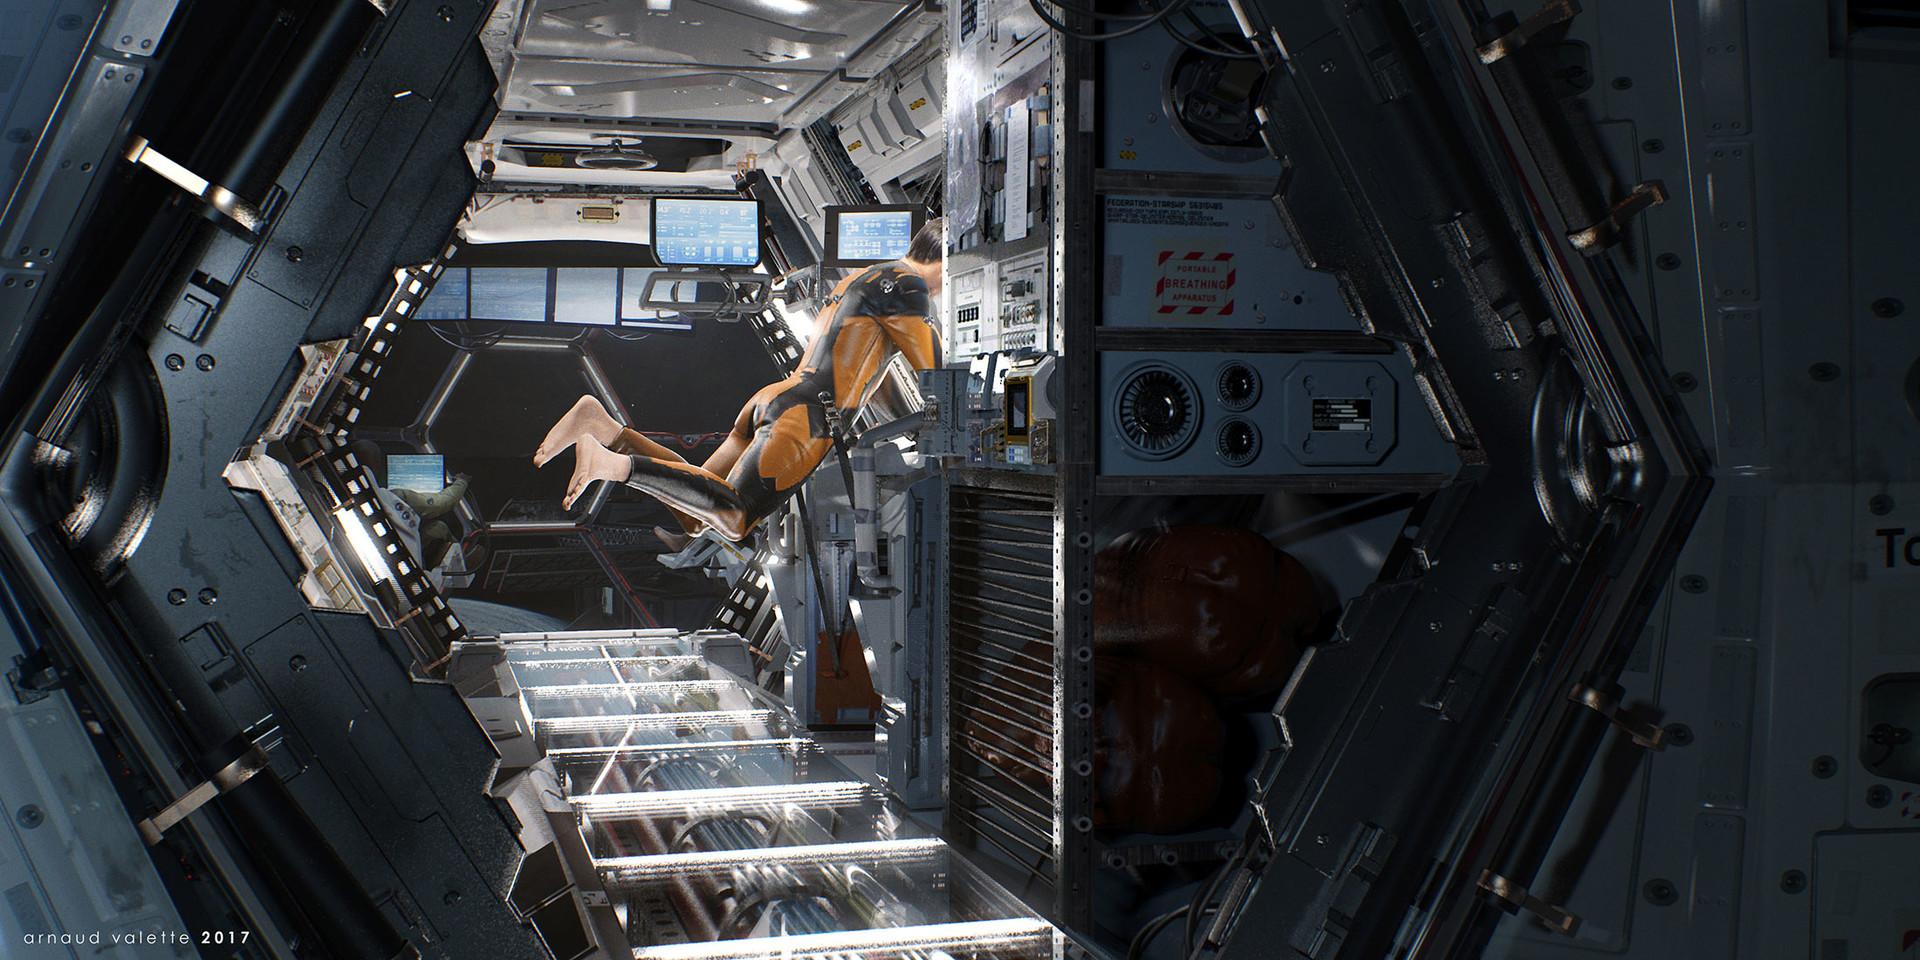 Кабина космического корабля гиф